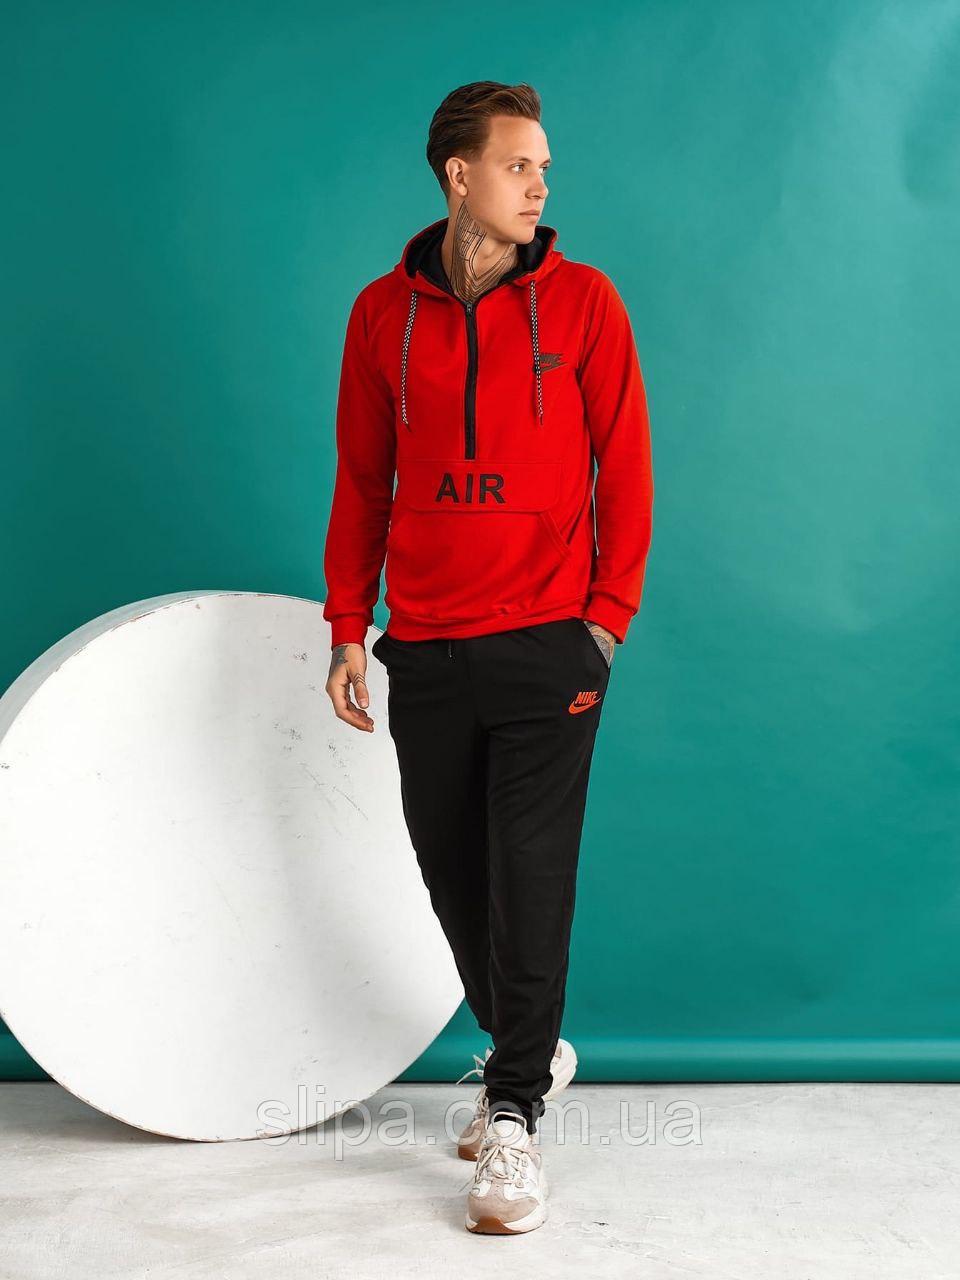 Мужской спортивный костюм в стиле Nike чёрный с красным